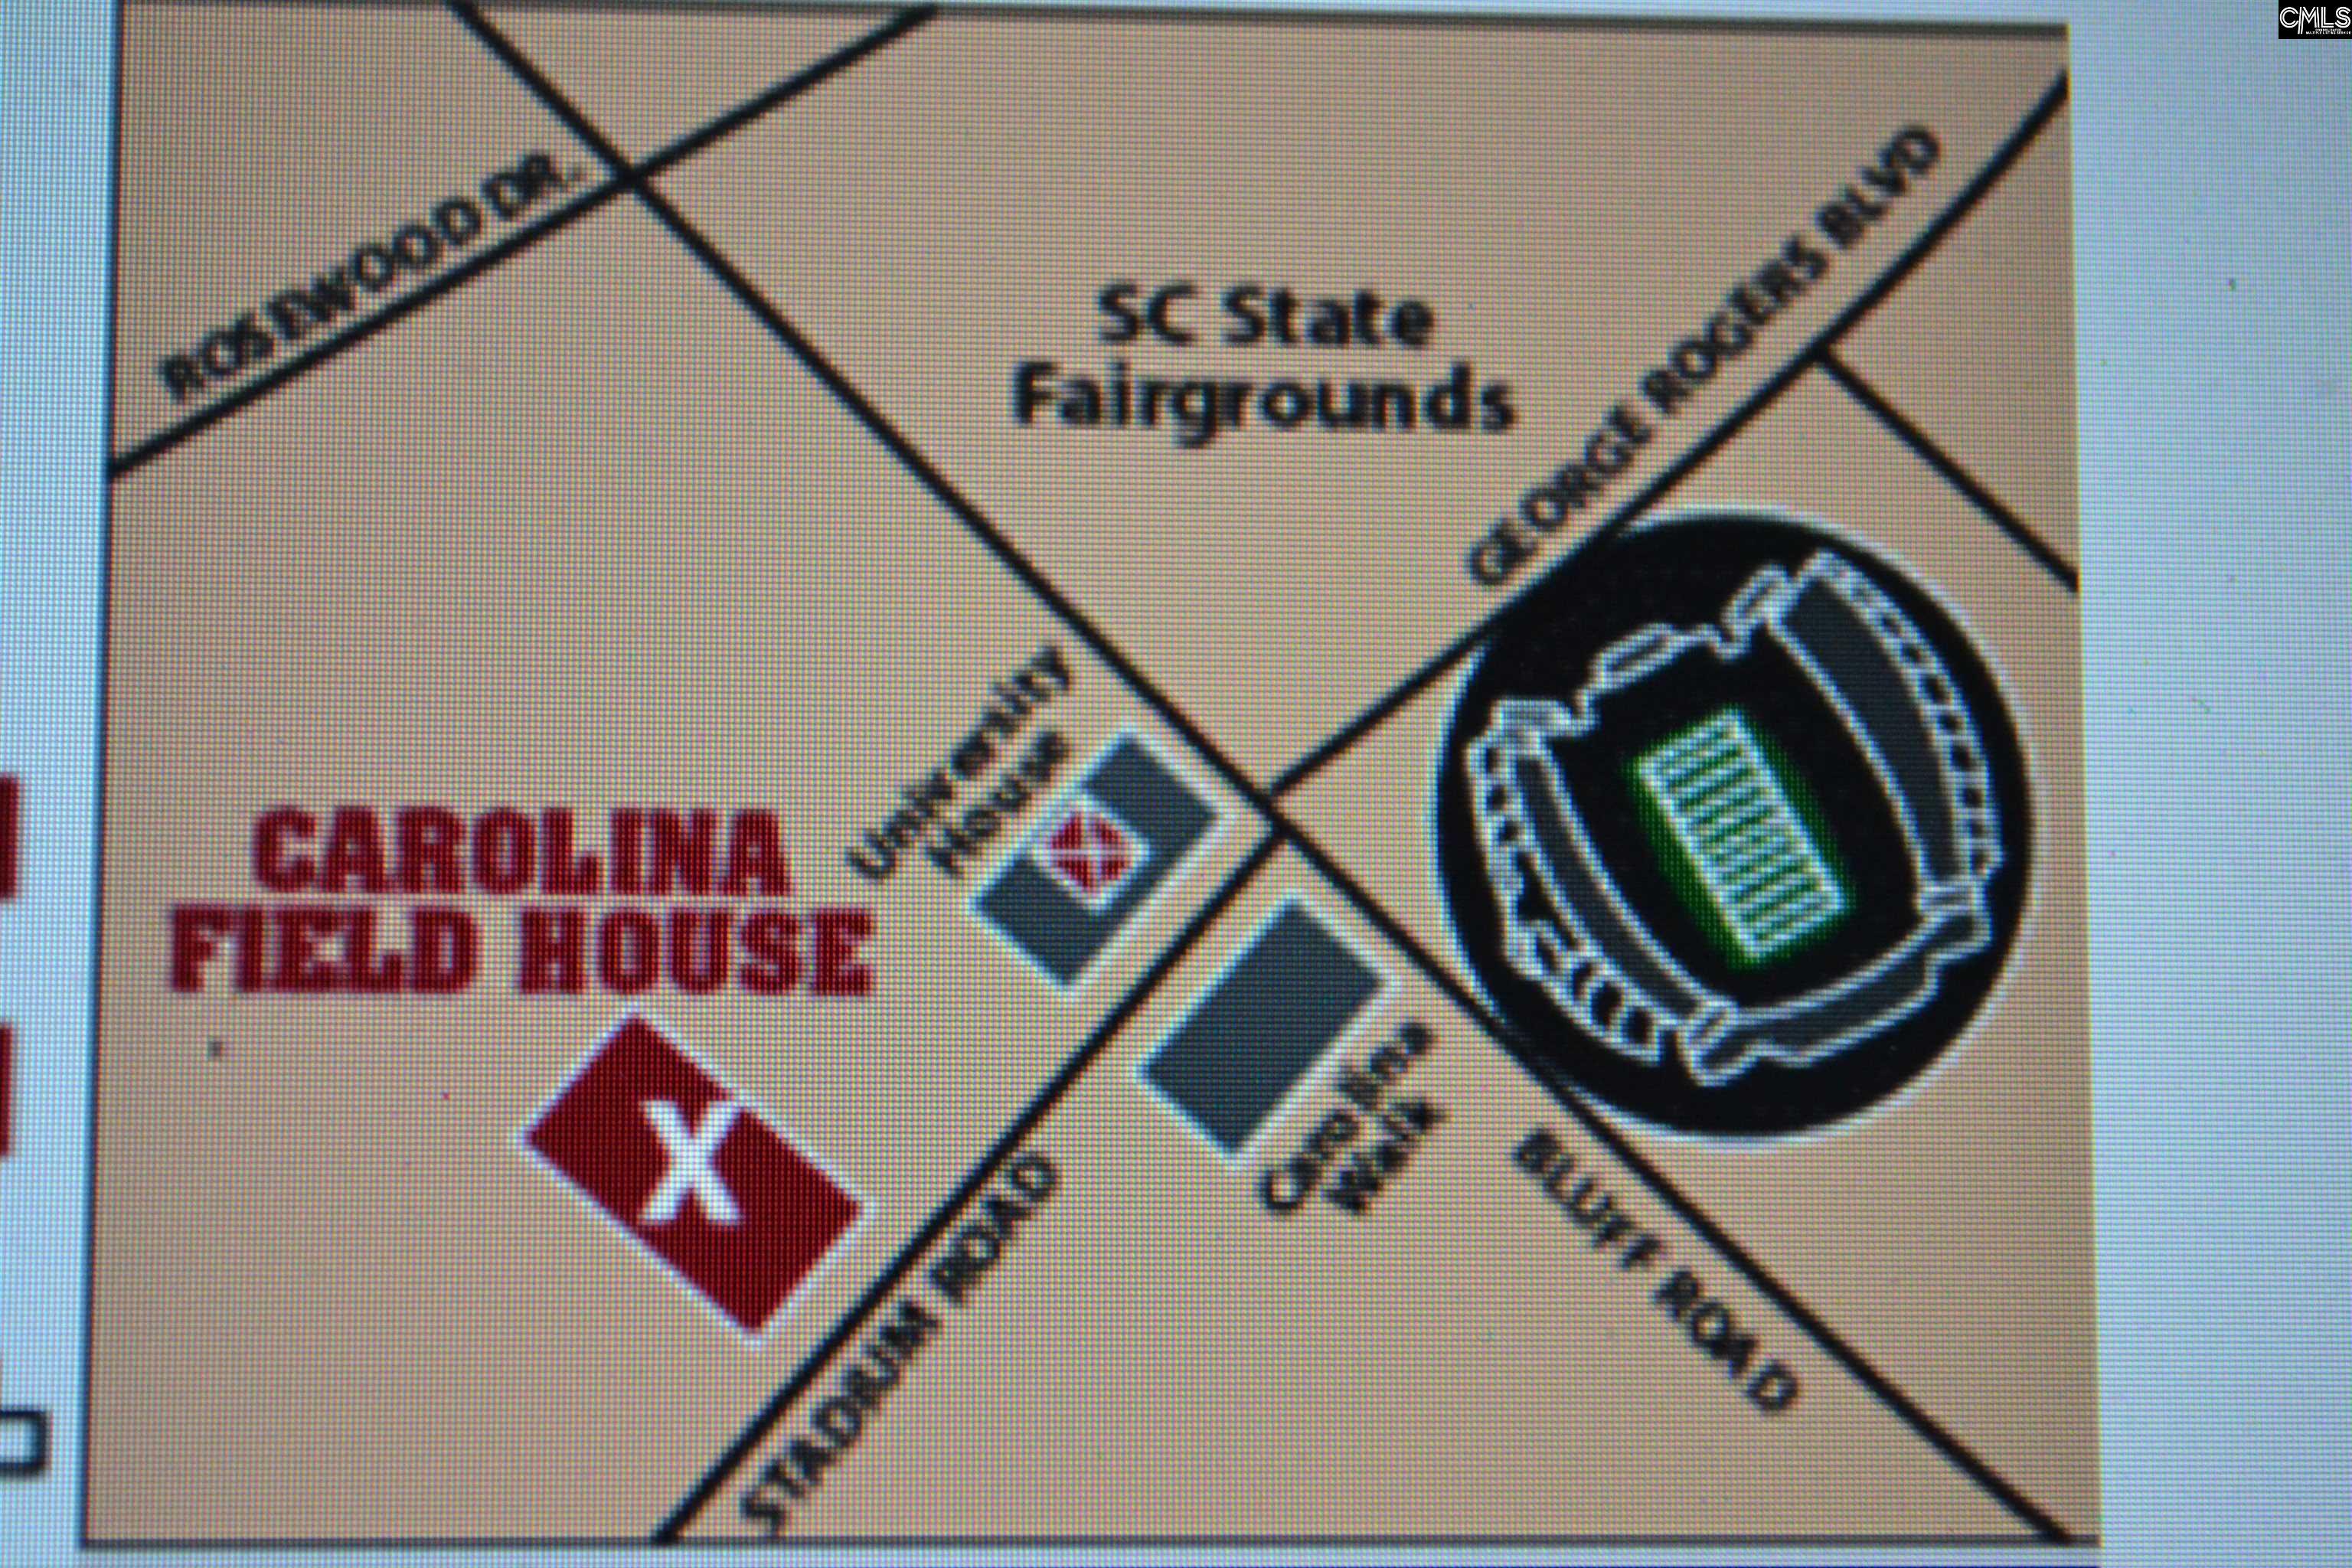 Stadium South Road Columbia, SC 29201